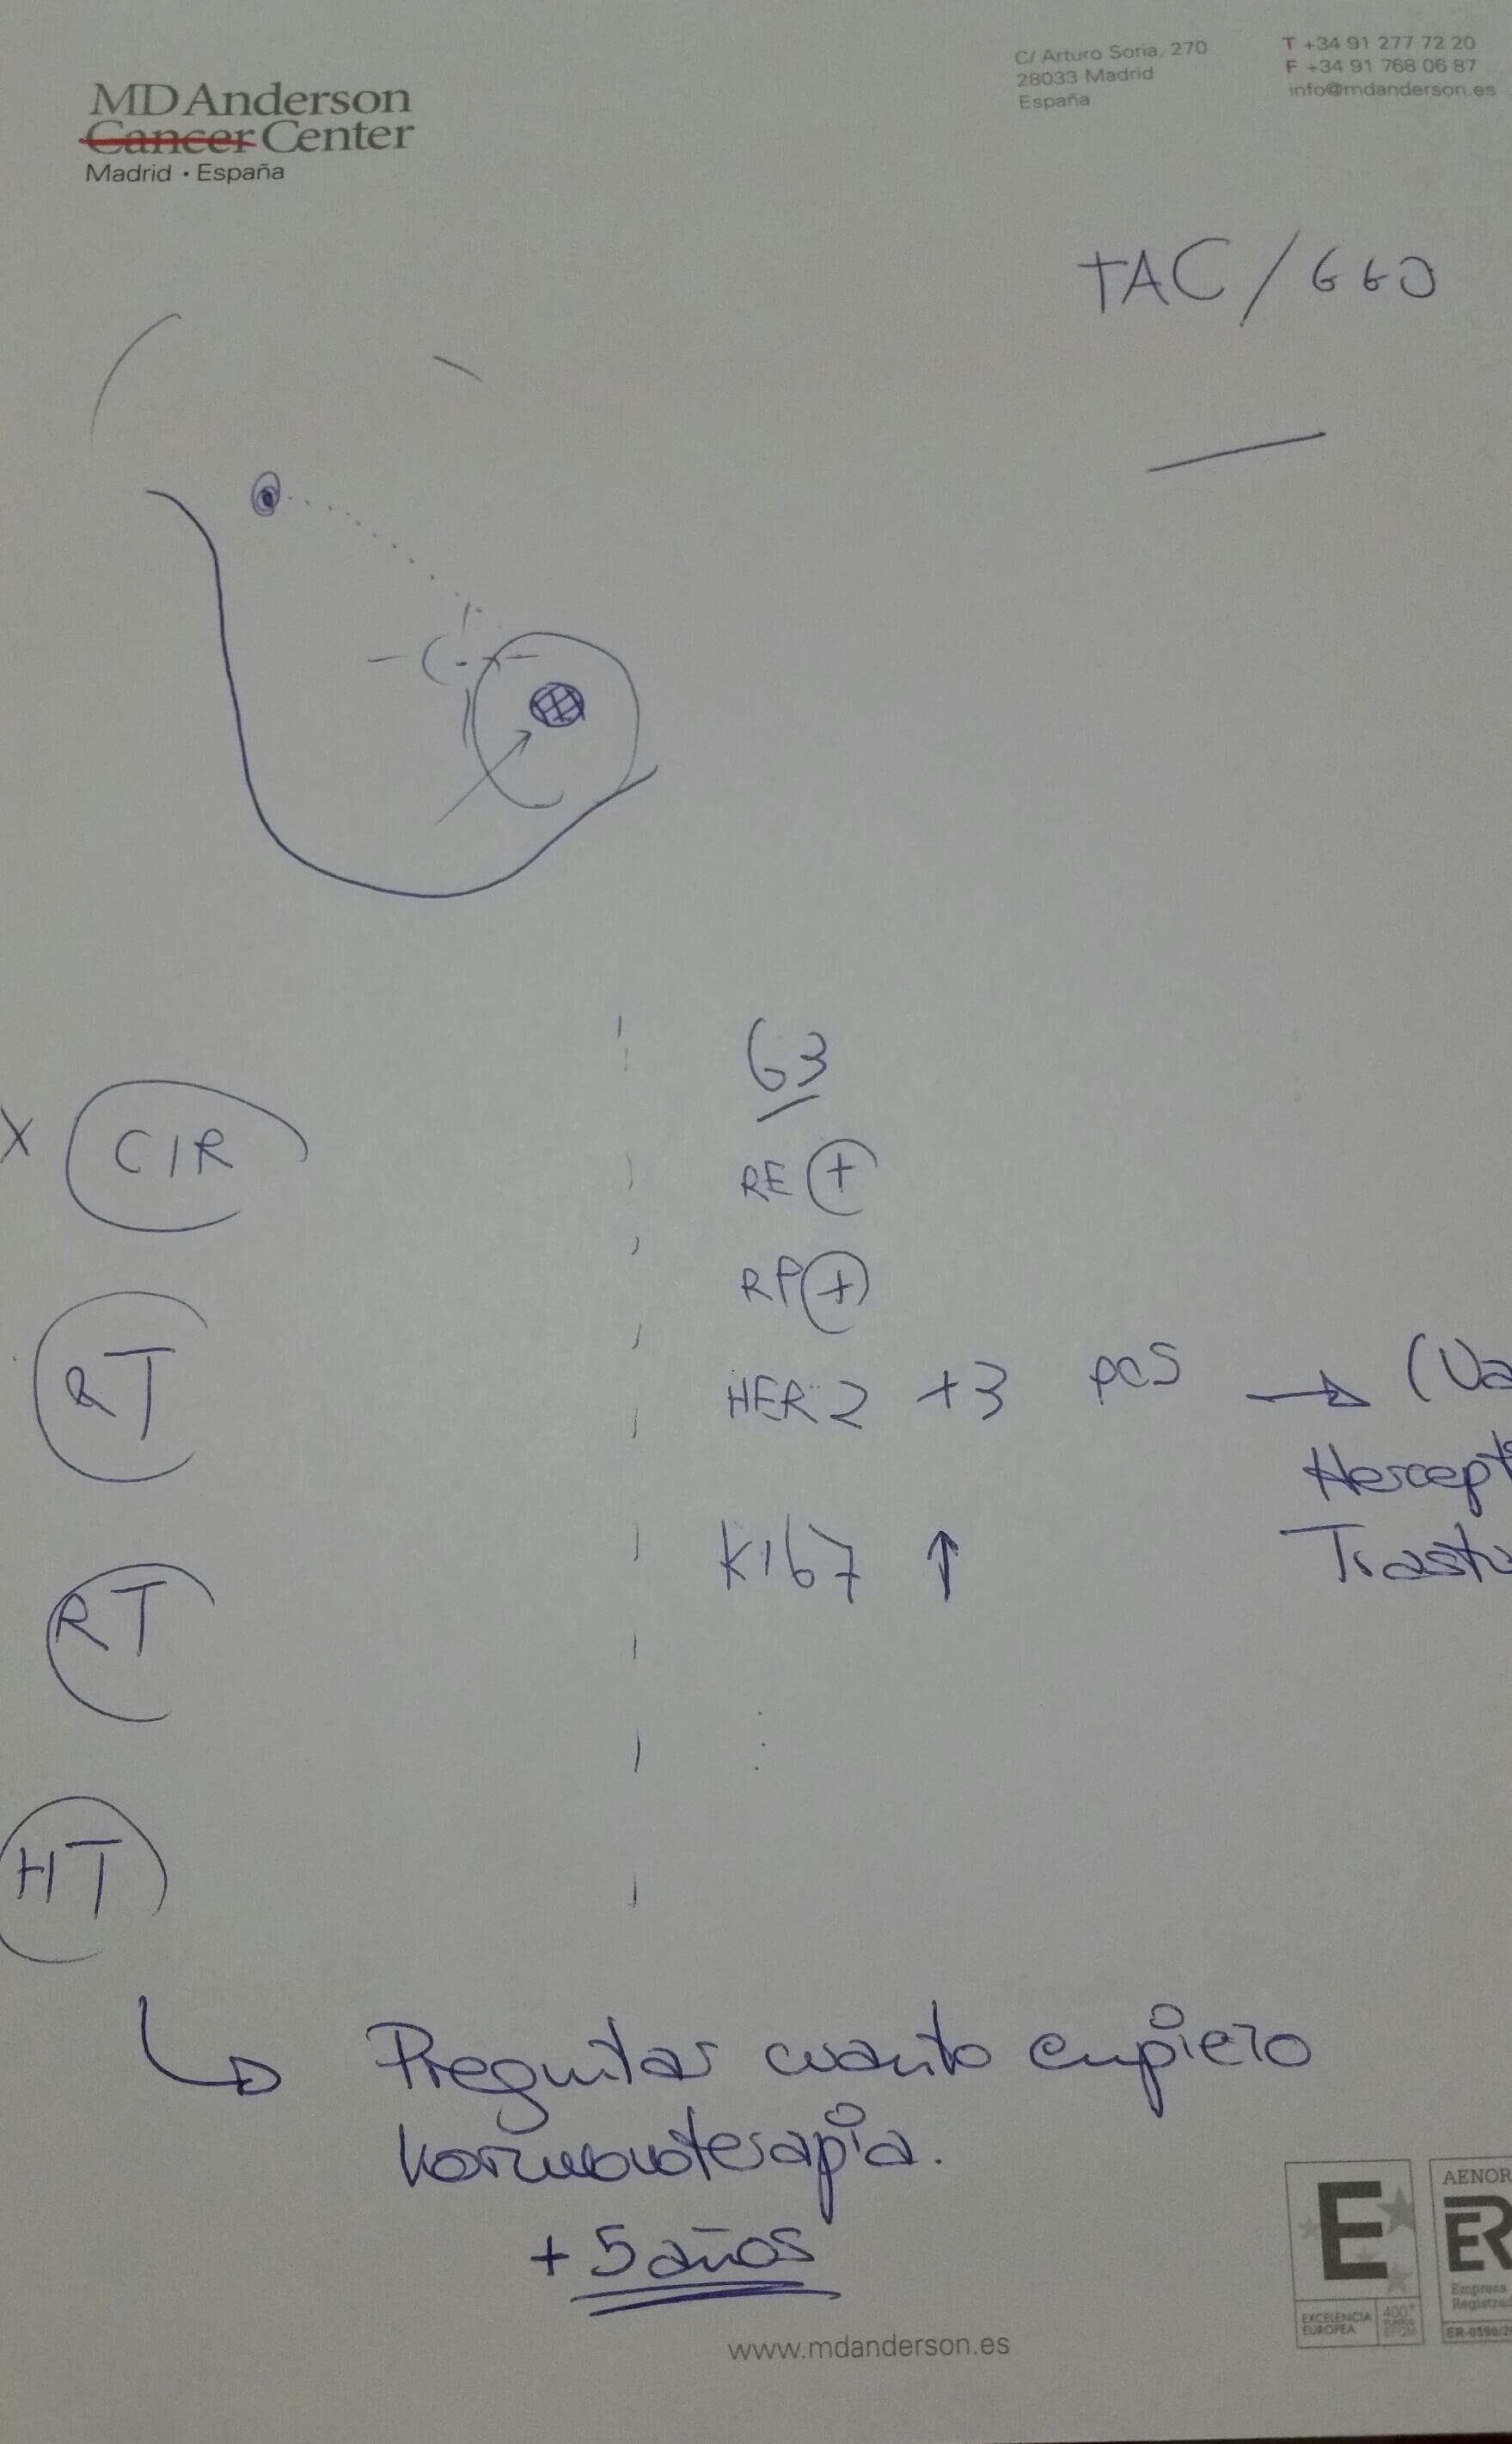 Segunda opinión cáncer de mama MD Anderson Cáncer Center 1